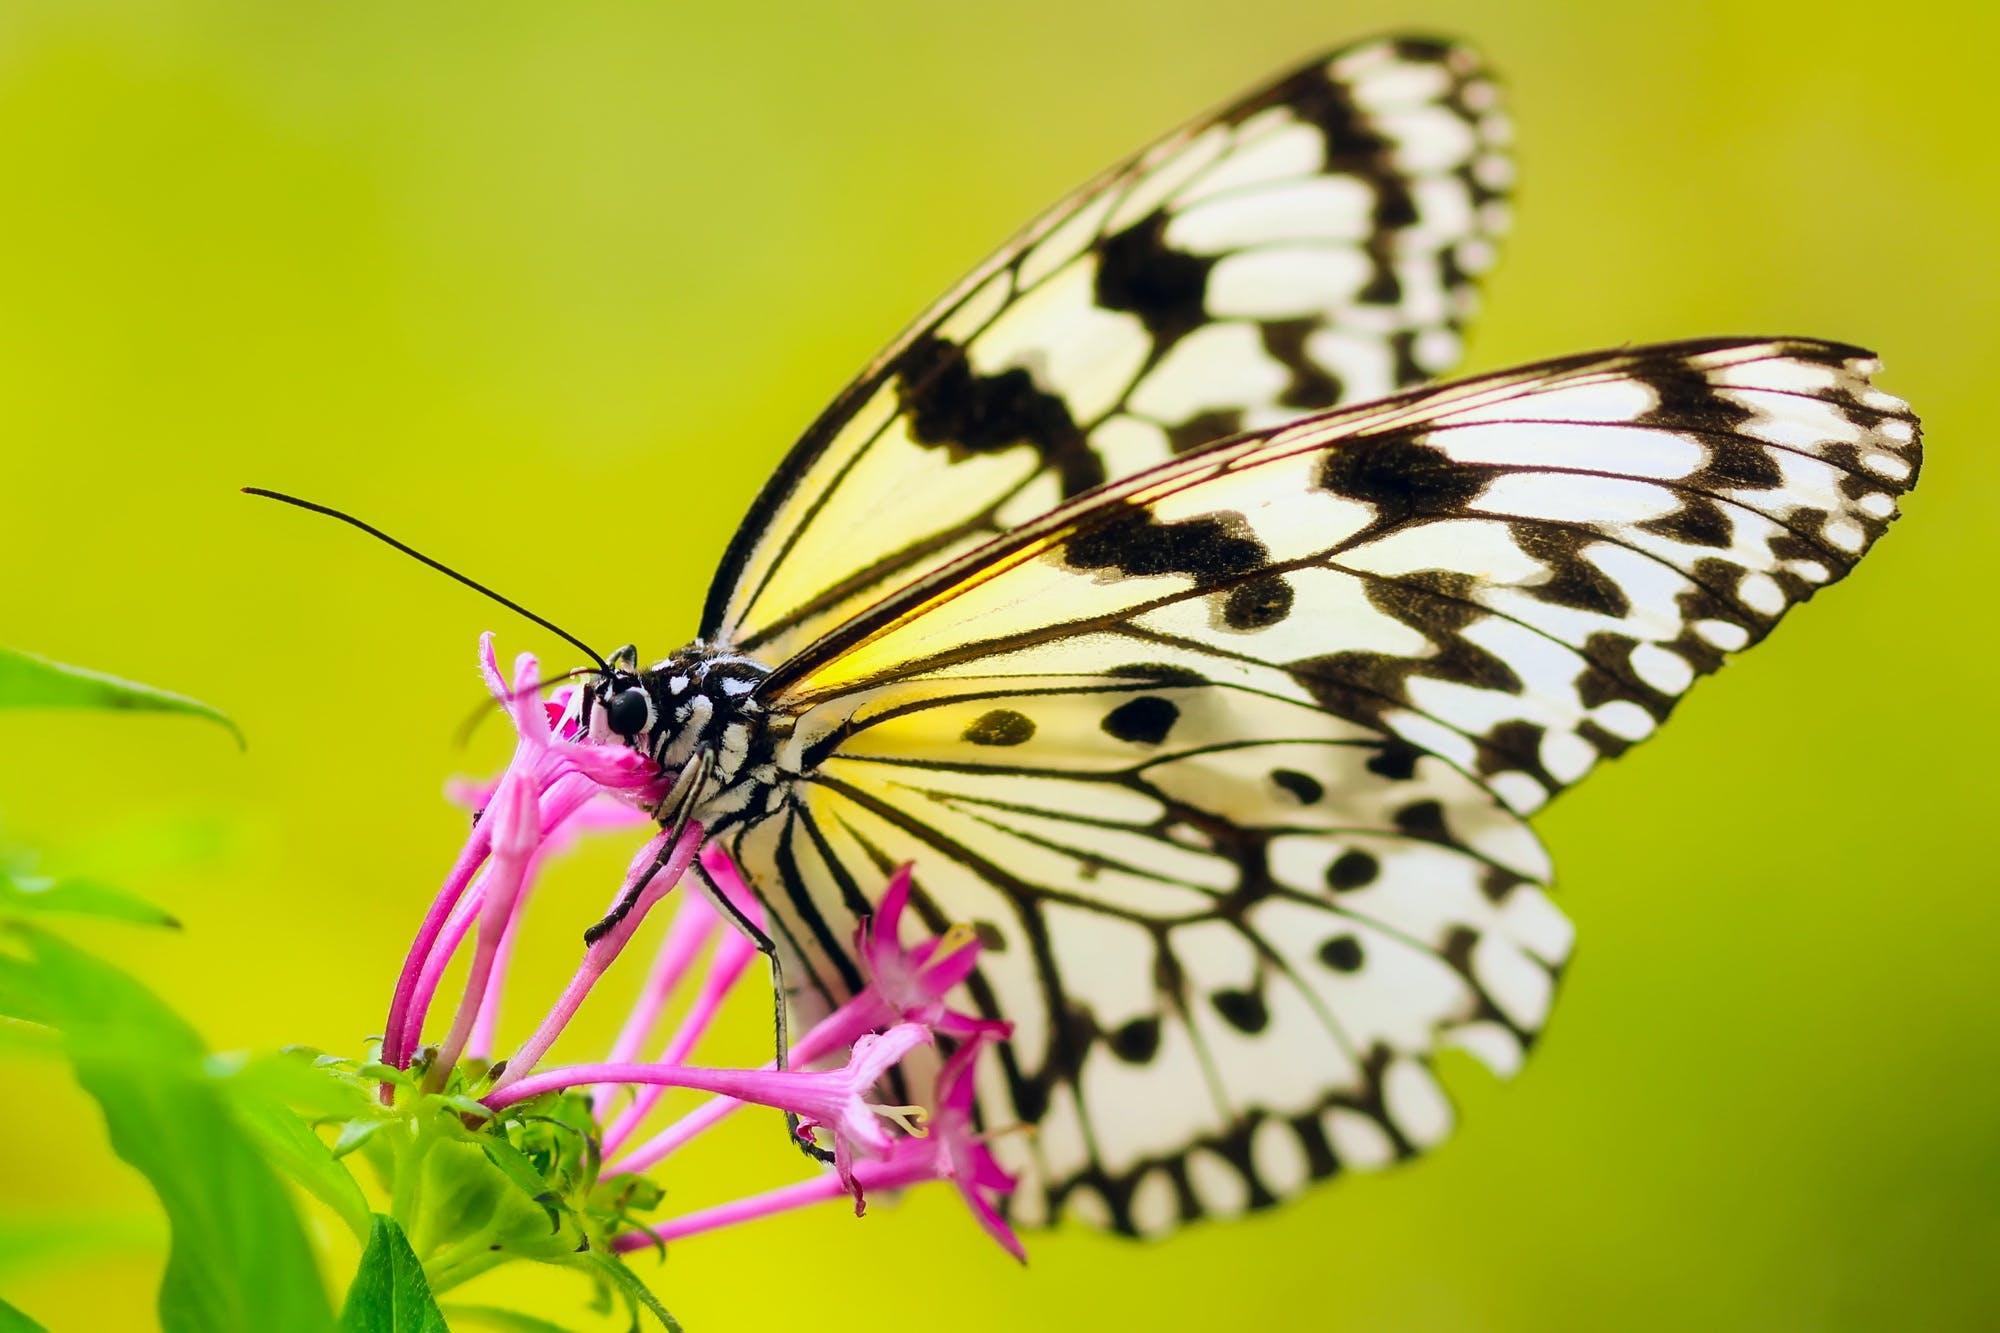 곤충, 군주, 꽃, 나비의 무료 스톡 사진